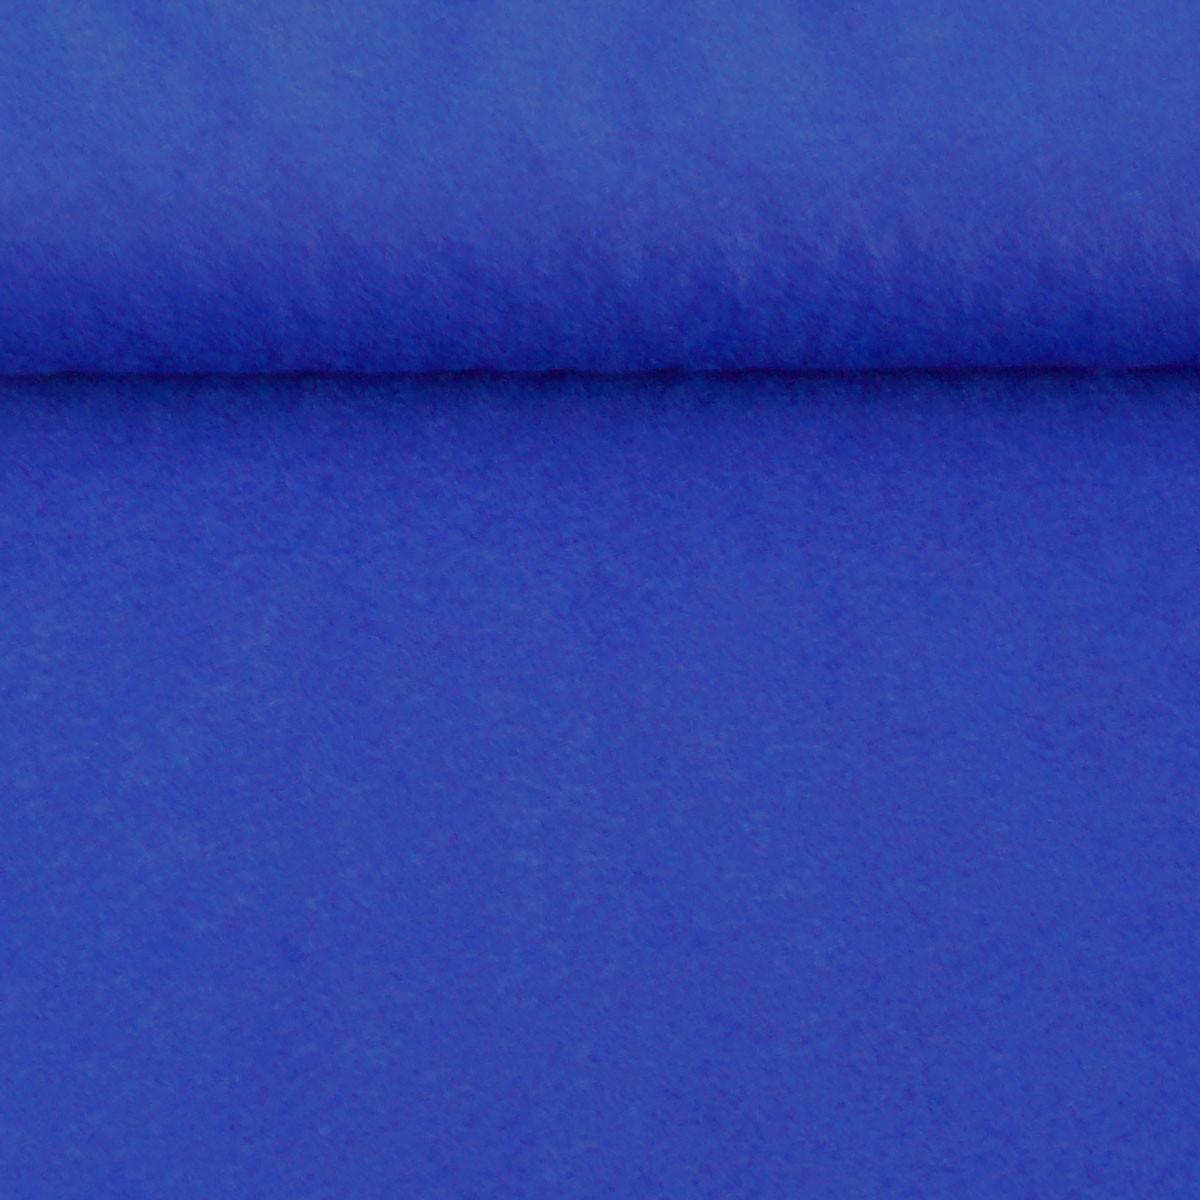 Kreativstoff Filz einfarbig royalblau königsblau 180cm Breite 2mm Stärke